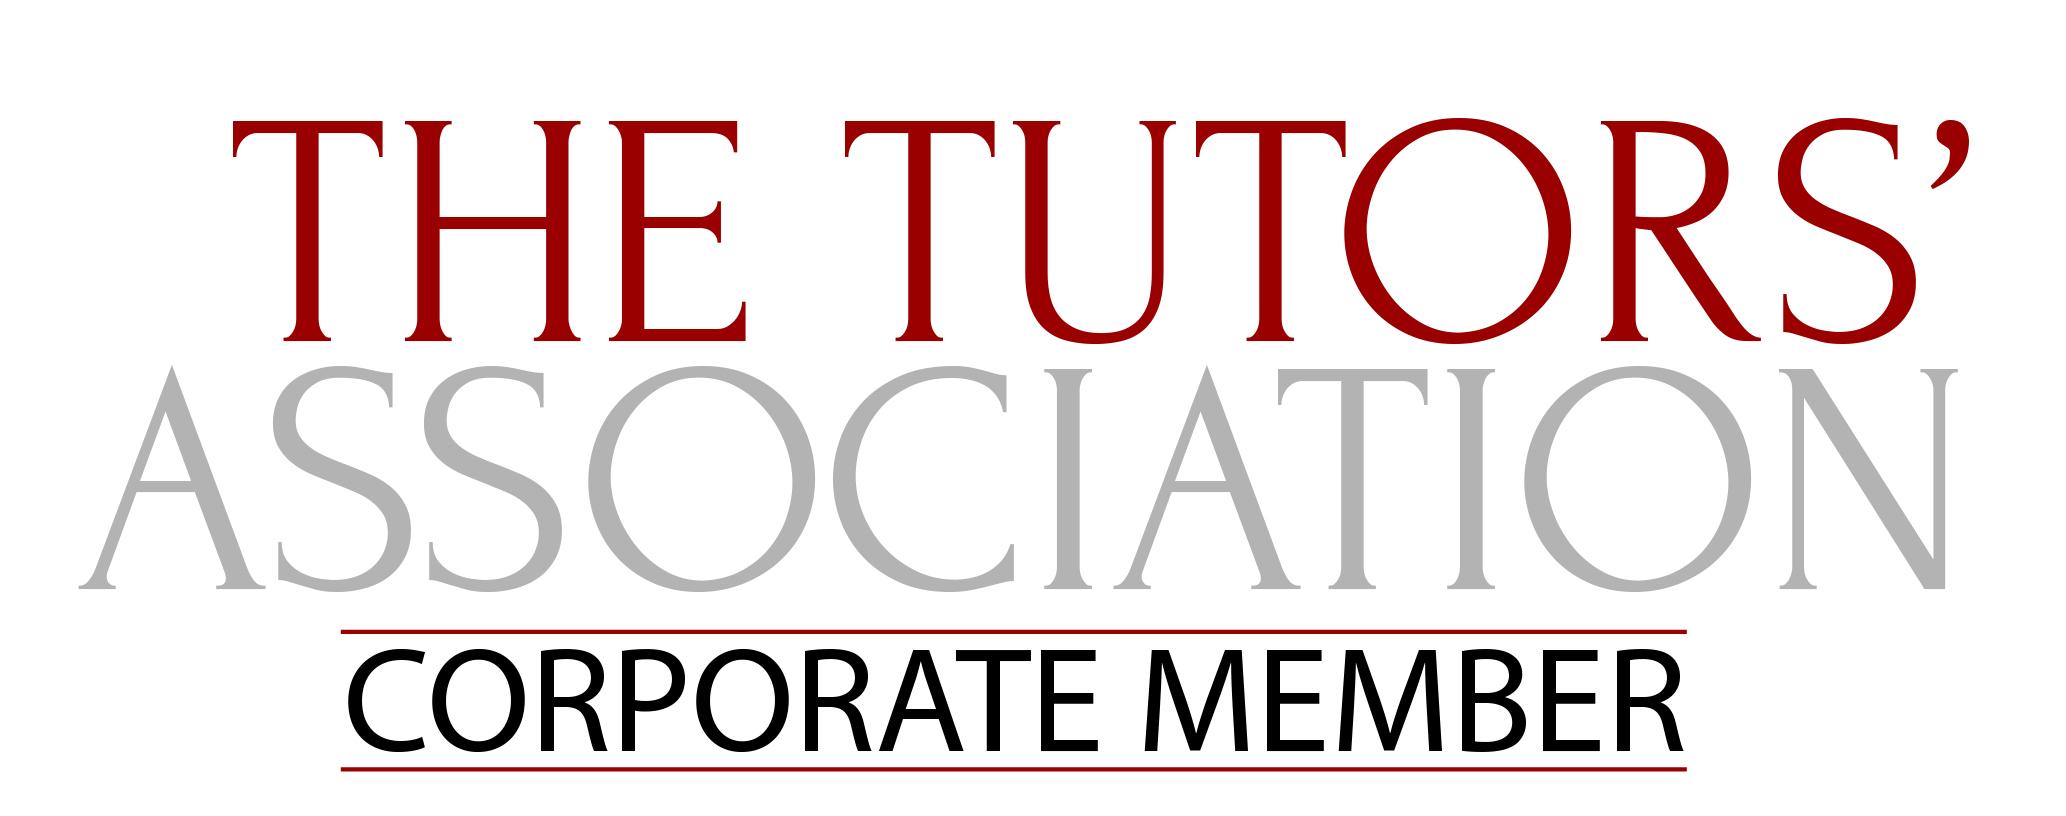 Corporate member.jpg